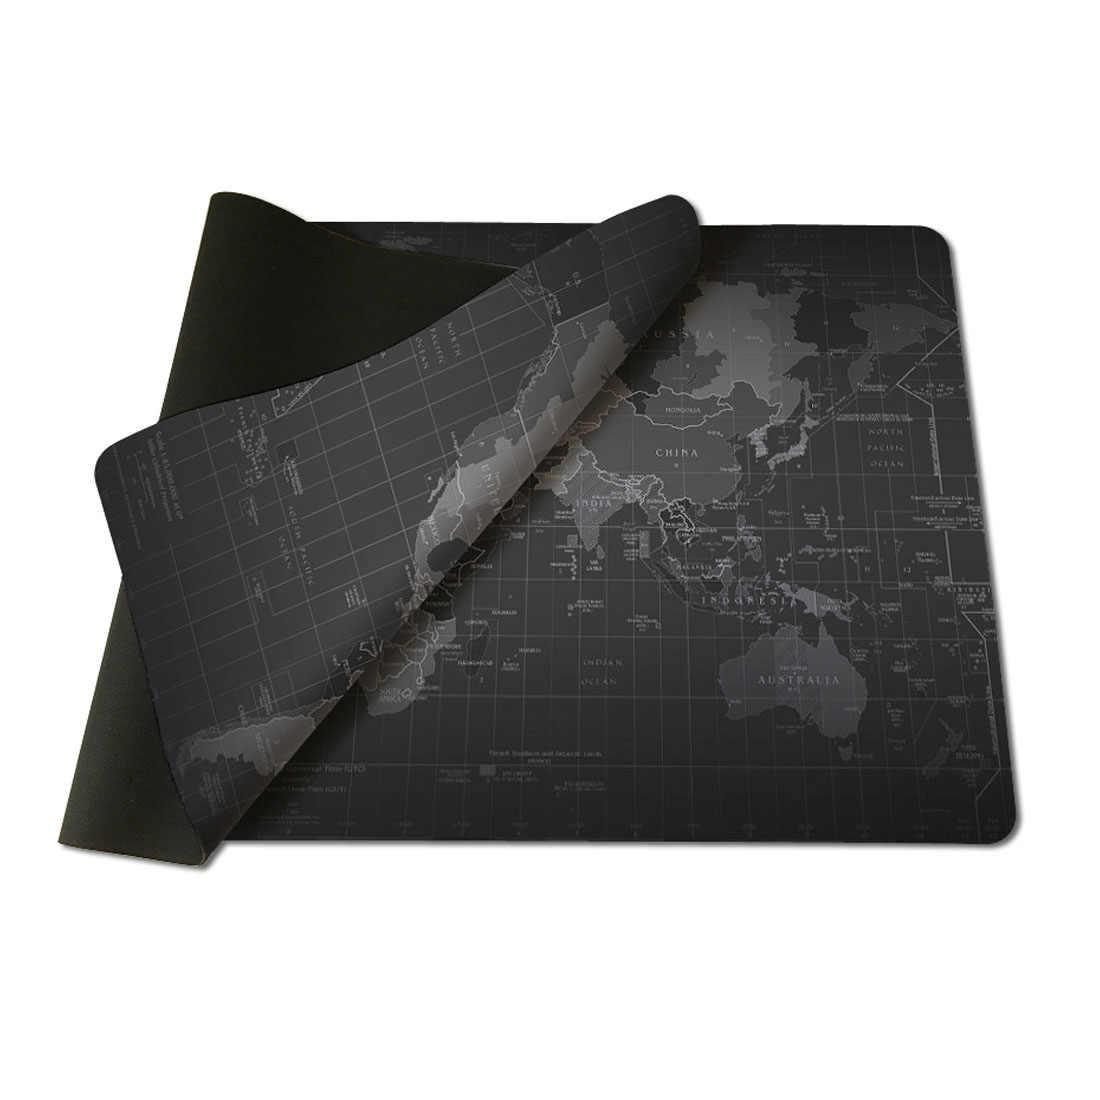 2019 nowych moda stara mapa świata podkładka pod mysz podkładka pod mysz duża podkładka pod mysz dla podkładka pod mysz do komputera i notebooka podkładki pod mysz do gier